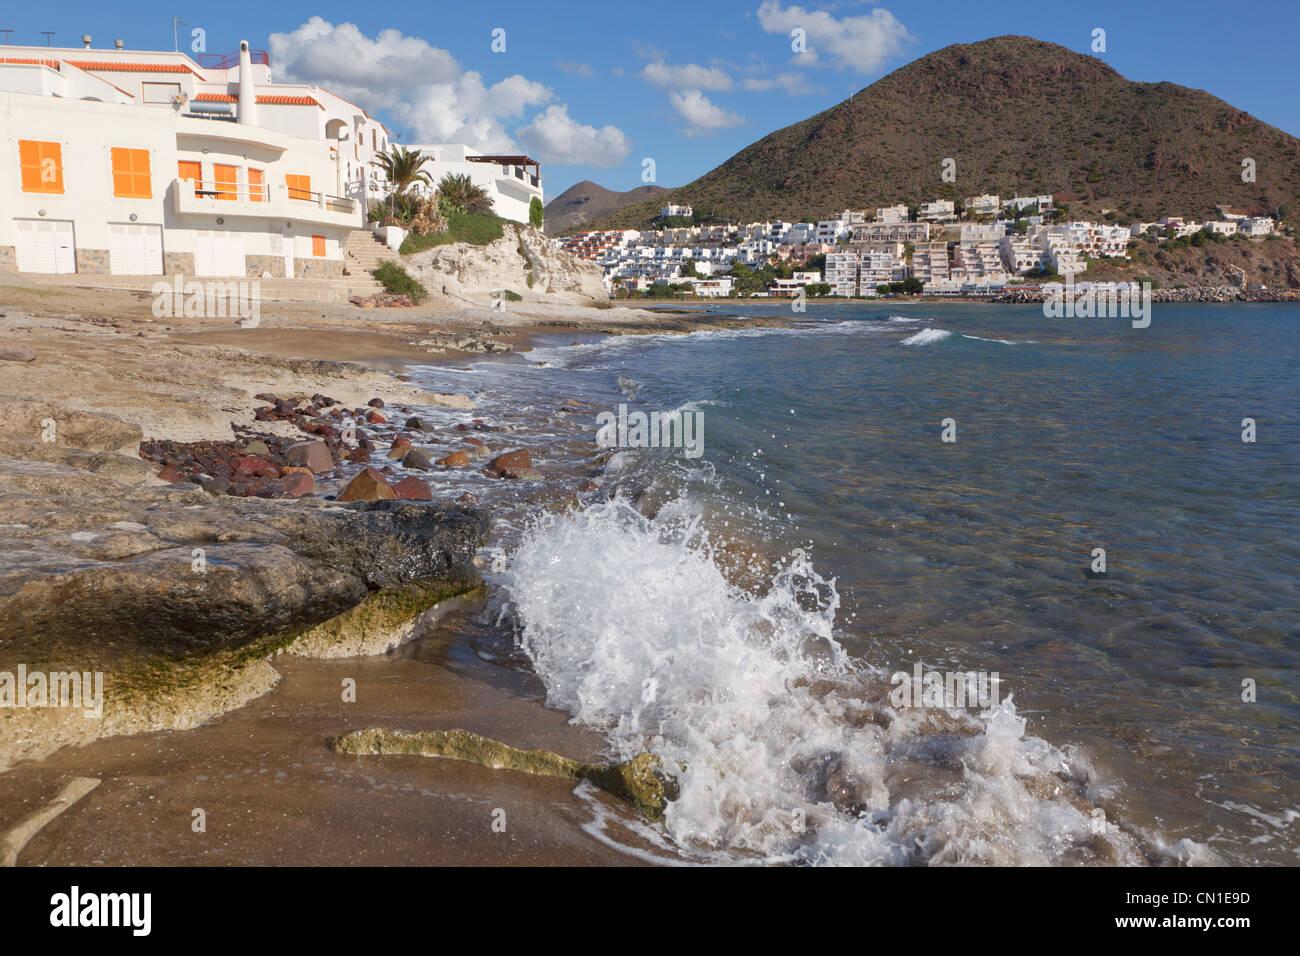 San Jose, Cabo de Gata-Nijar parco naturale, provincia di Almeria, Spagna. Immagini Stock